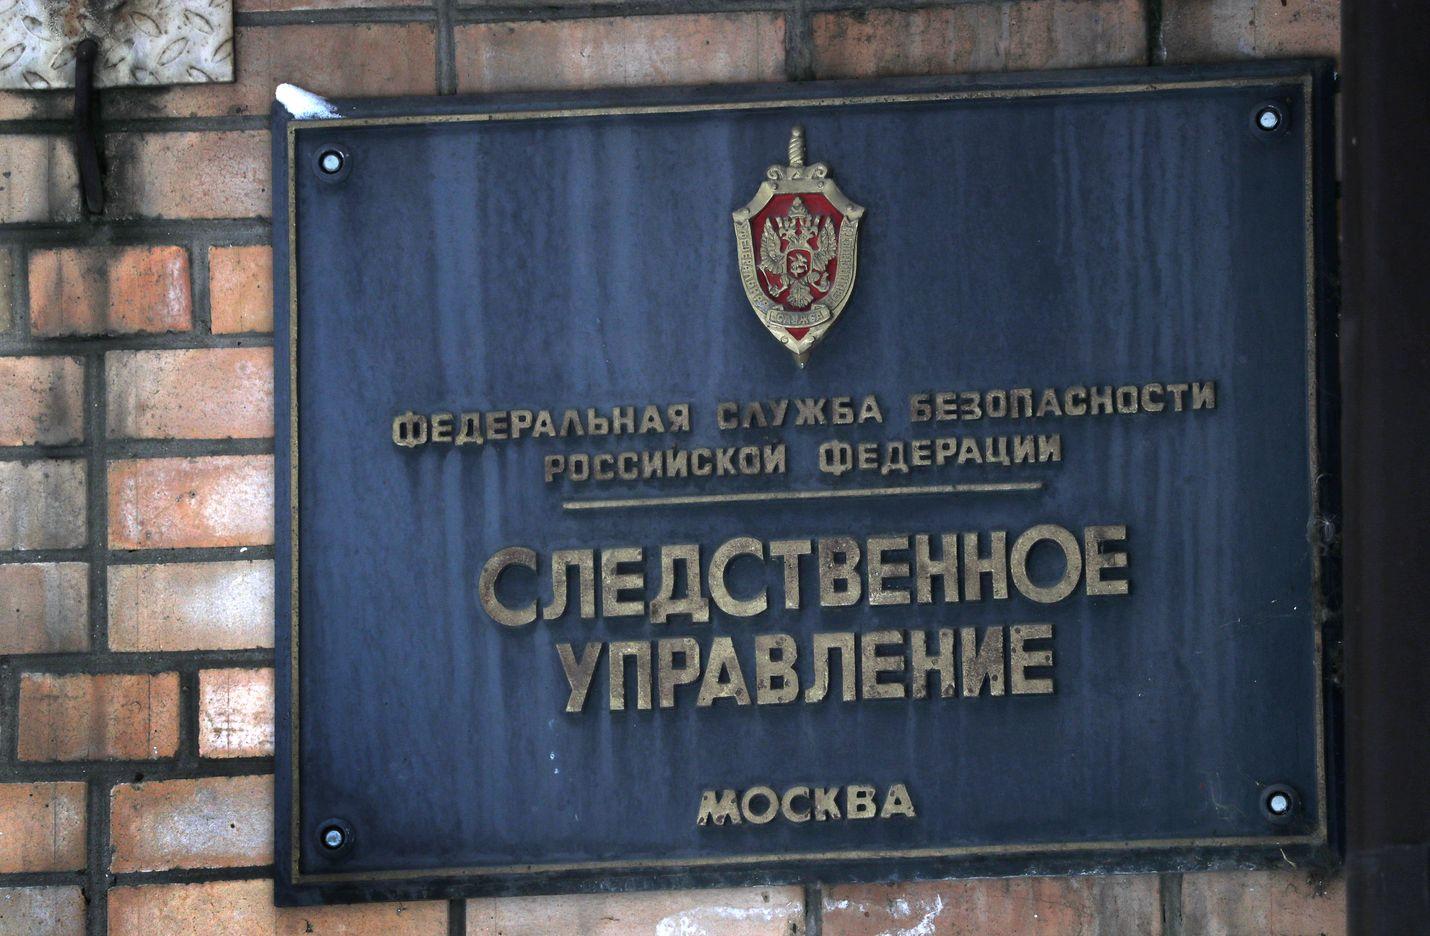 Venäjällä vankeuteen tuomitut suomalaiset voivat joutua suorittamaan tuomionsa Venäjällä. Kuva on FSB:n tutkintavankilasta Moskovasta.